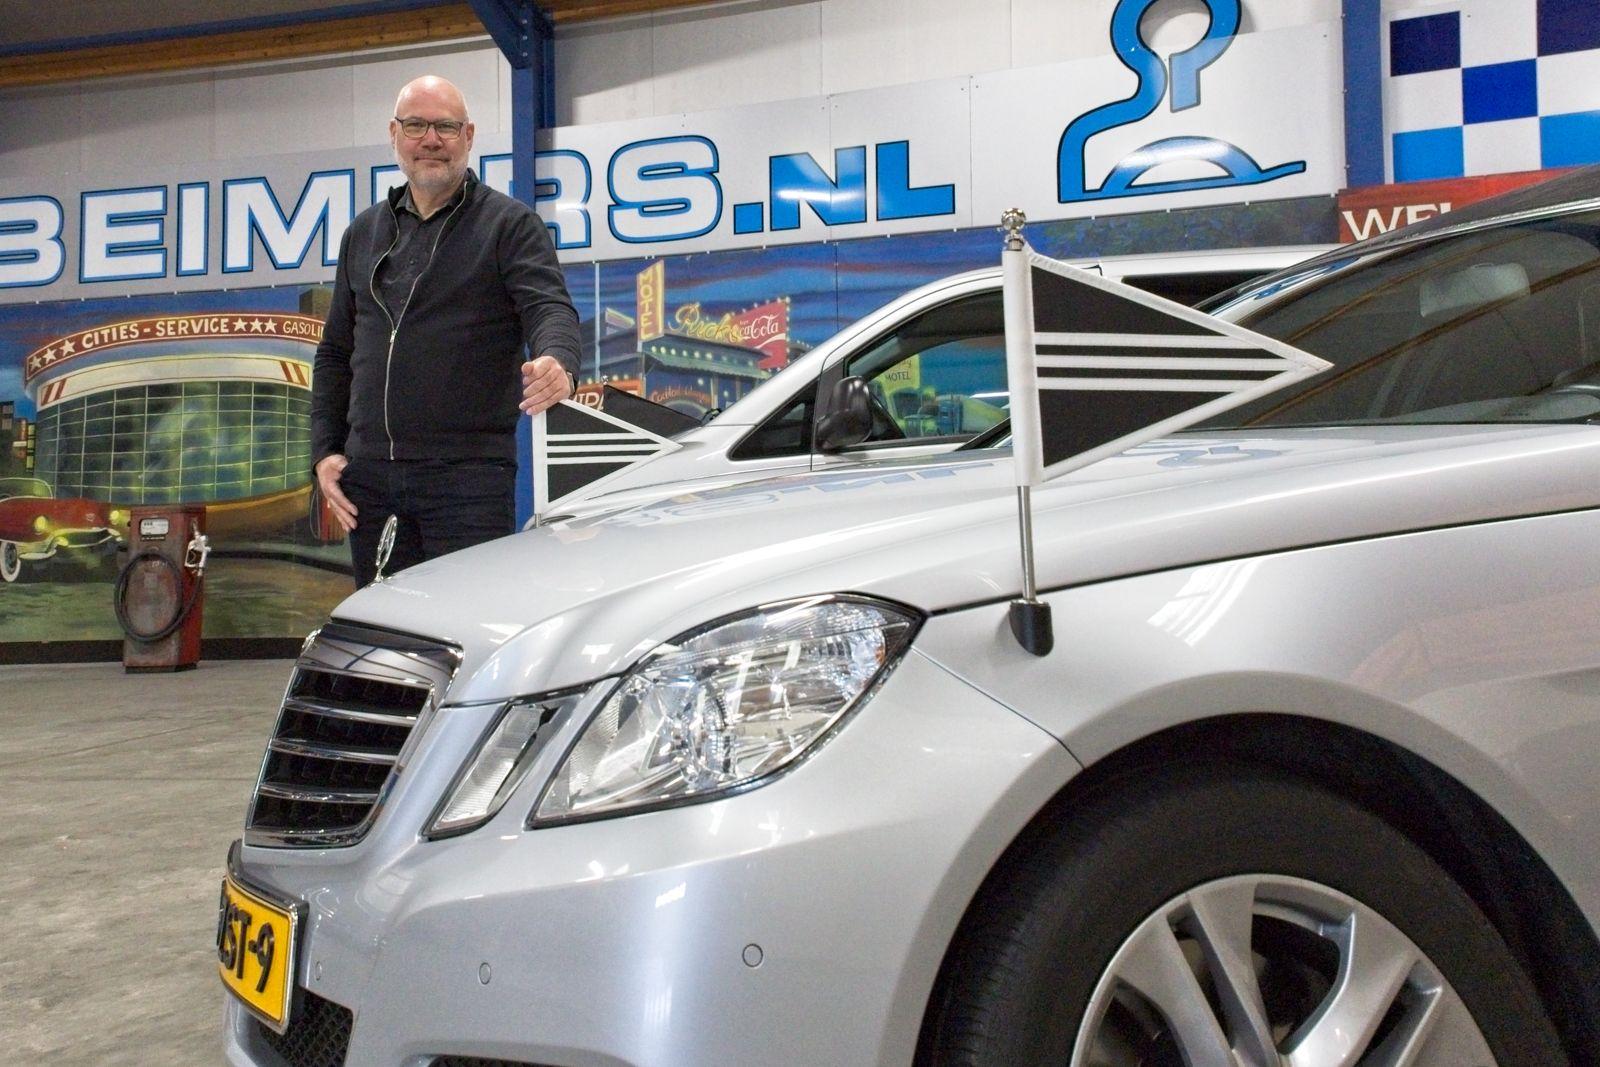 Gert Beimers Van Beimers Rouwservice en Uitvaartverzorging heeft veel met de Friese uitvaartverenigingen.